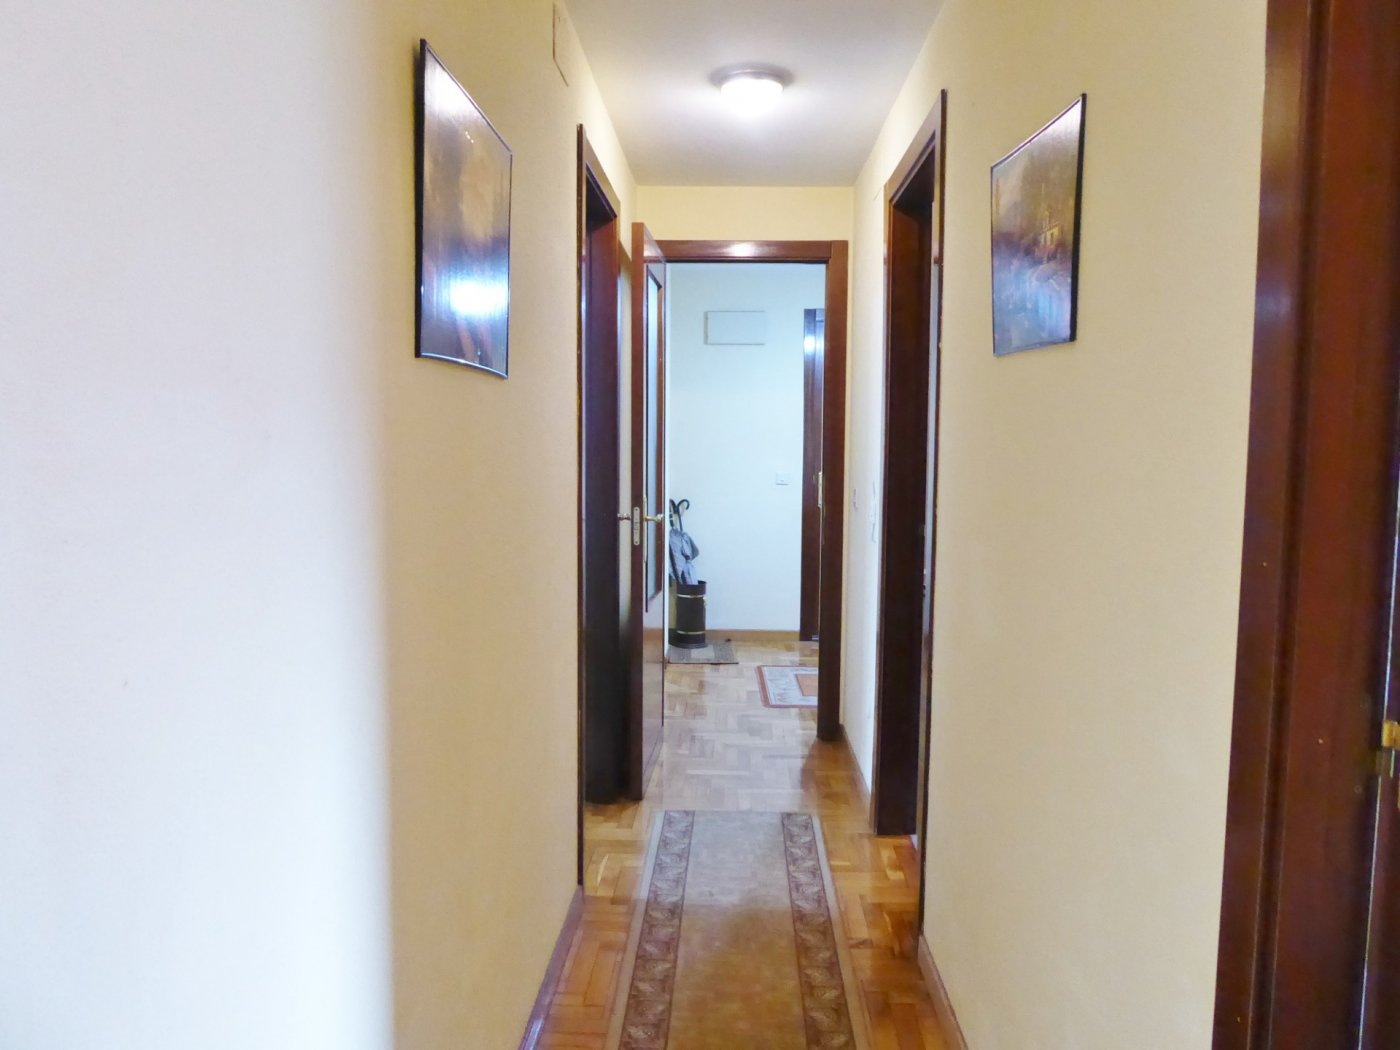 Alquiler de piso en gijon - imagenInmueble25